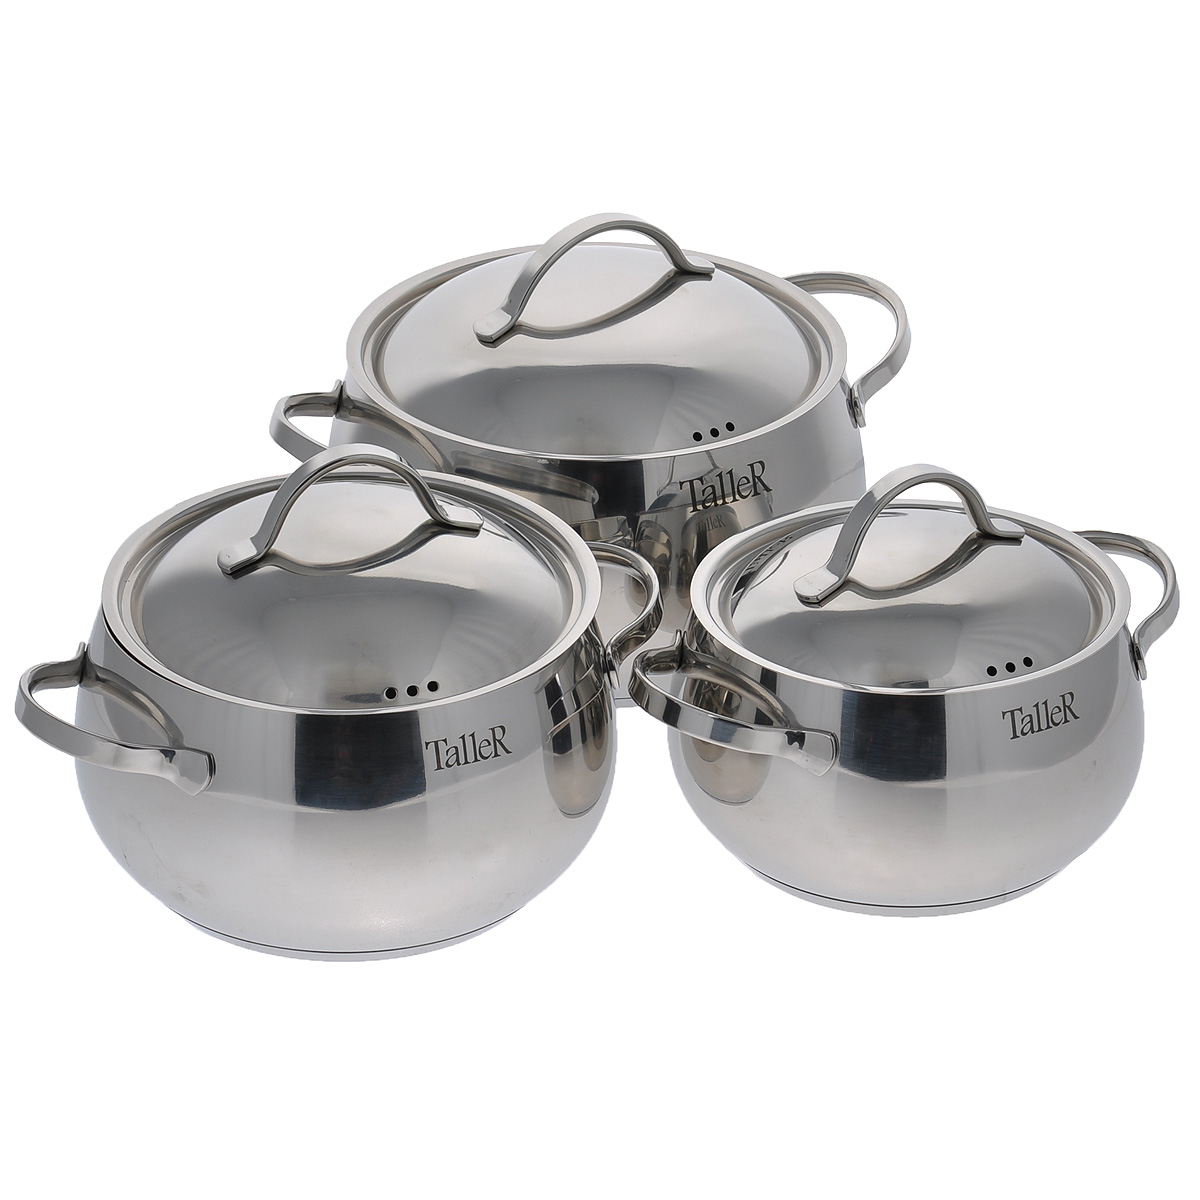 Набор посуды Taller Стаут, 7 предметовTR-1037Набор посуды Taller Стаут состоит из трех кастрюль с крышками и бакелитовой подставки. Кастрюли выполненыиз высококачественной нержавеющей стали 18/10, которая отличается прочностью, устойчивостью к коррозии иотсутствием вредных соединений при контакте с продуктами. Нержавеющая сталь 18/10 зарекомендовала себякак идеальный материал для кухонной посуды.Капсулированное дно с алюминиевой вставкой обеспечивает идеальное распределение тепла.Изделия имеют удобные ручки. Надежное крепление ручек гарантирует безопасность использования. Удобныеотметки литража на внутренней поверхности посуды позволяют не использовать при приготовлениидополнительную мерную посуду.Крышки изготовлены из нержавеющей стали. Специальное отверстие для выхода пара позволяет готовить сзакрытой крышкой, предотвращая выкипание.В комплект входит бакелитовая подставка под горячее.Подходит для всех типов плит, включая индукционные. Можно мыть в посудомоечной машине. Не подходит длядуховых шкафов.